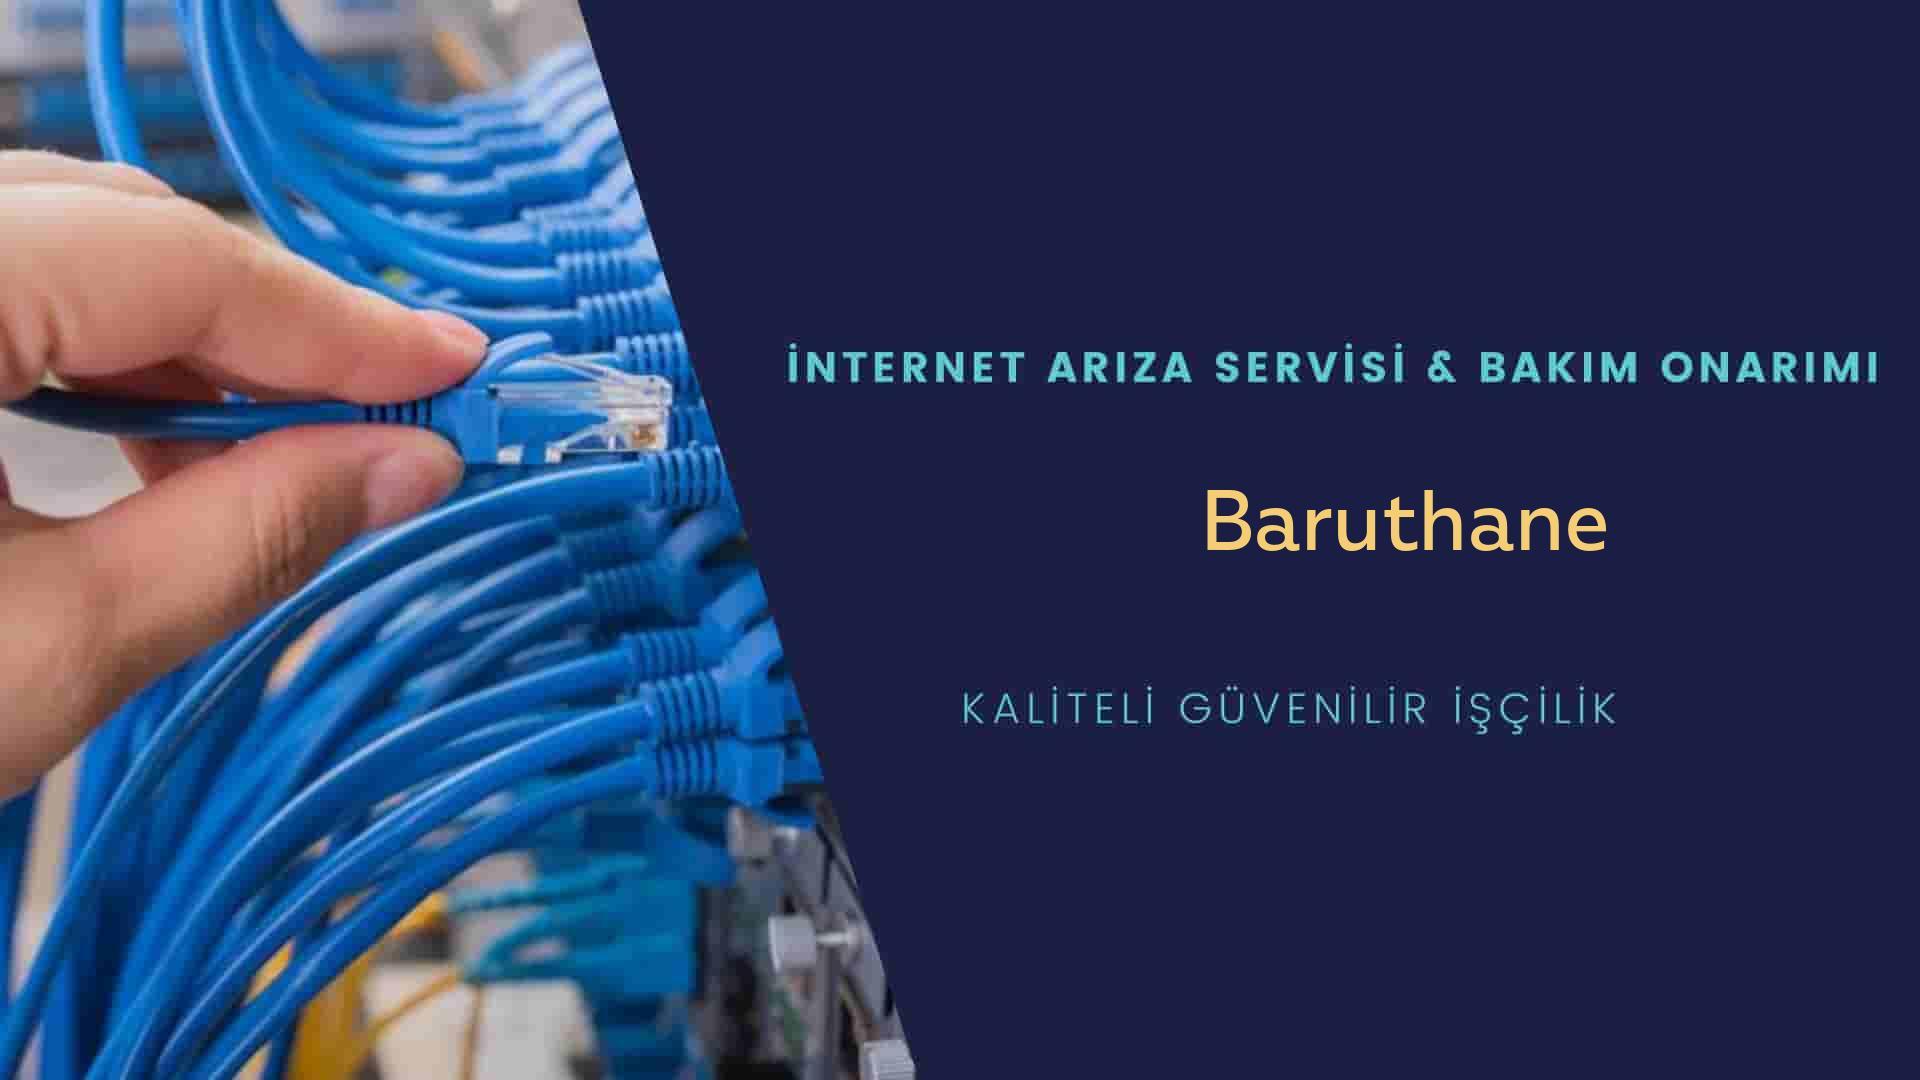 Baruthane  internet kablosu çekimi yapan yerler veya elektrikçiler mi? arıyorsunuz doğru yerdesiniz o zaman sizlere 7/24 yardımcı olacak profesyonel ustalarımız bir telefon kadar yakındır size.